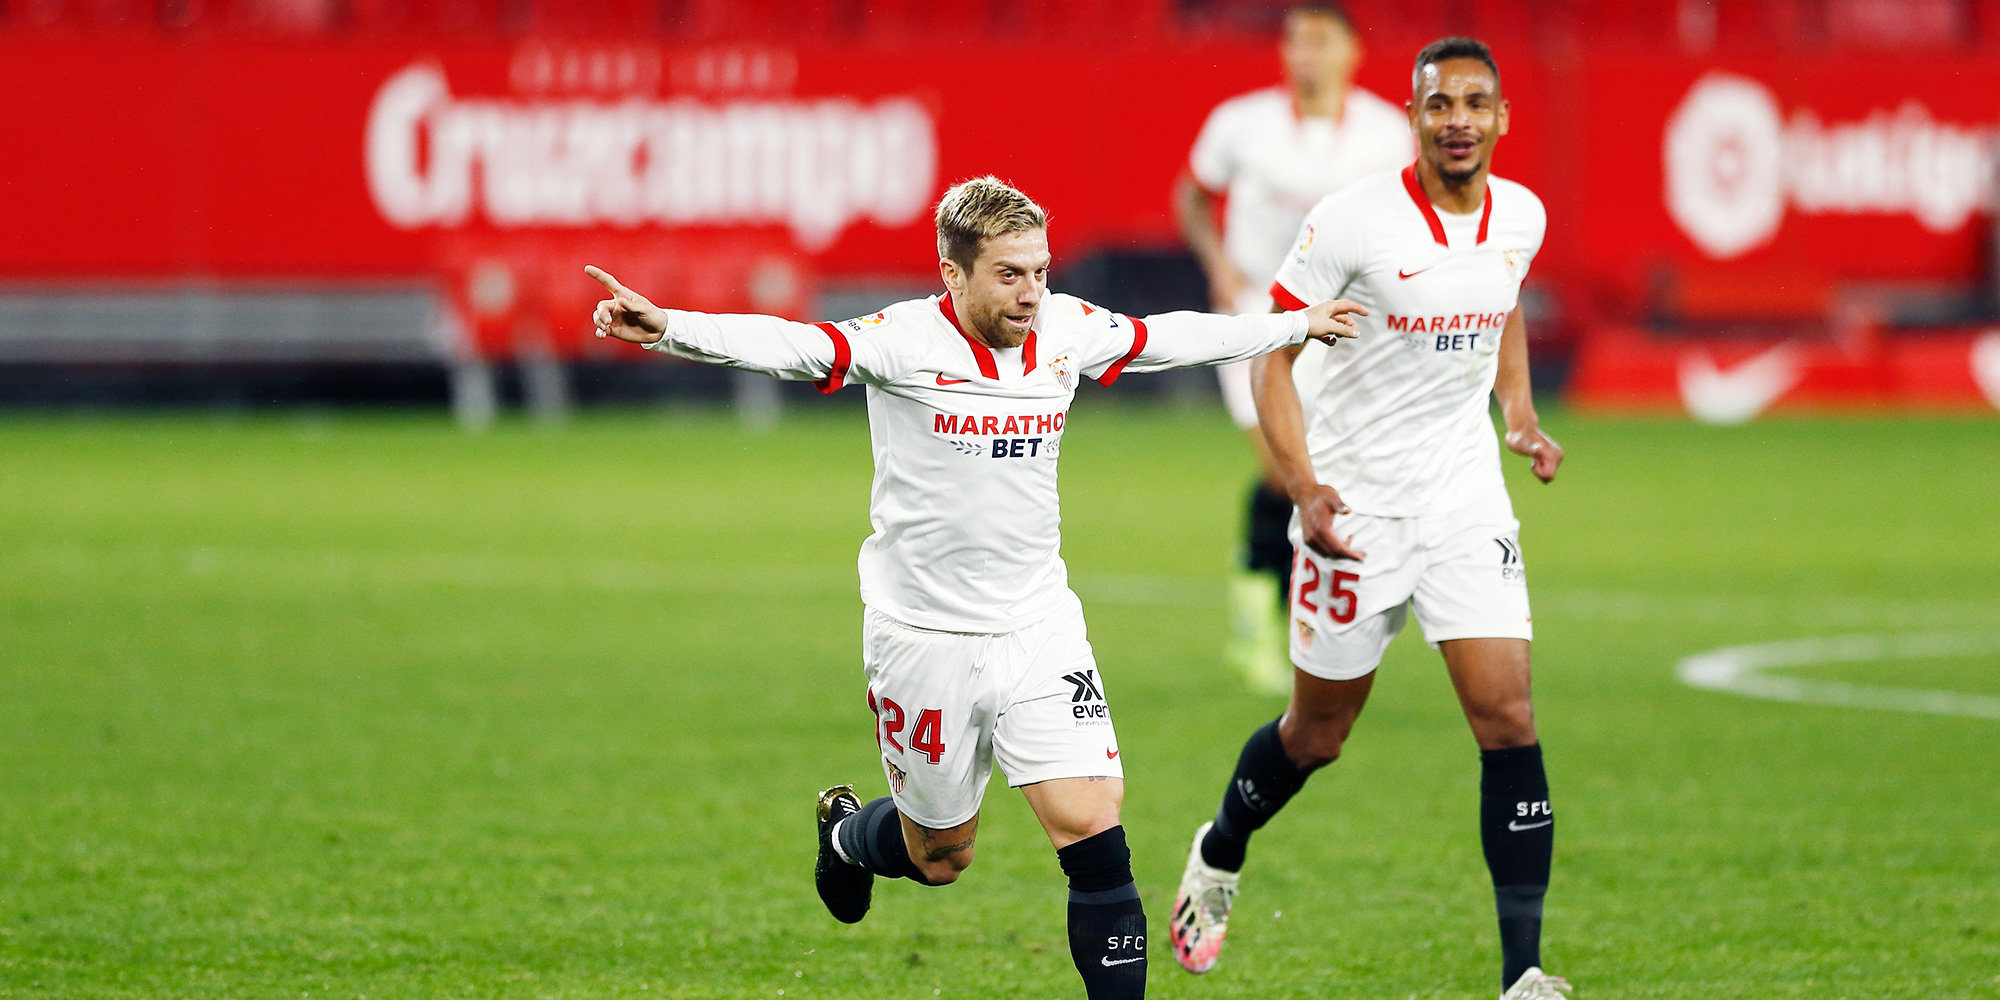 «Севилья» вышла победителем из матча с «Сельтой», где было забито 7 голов